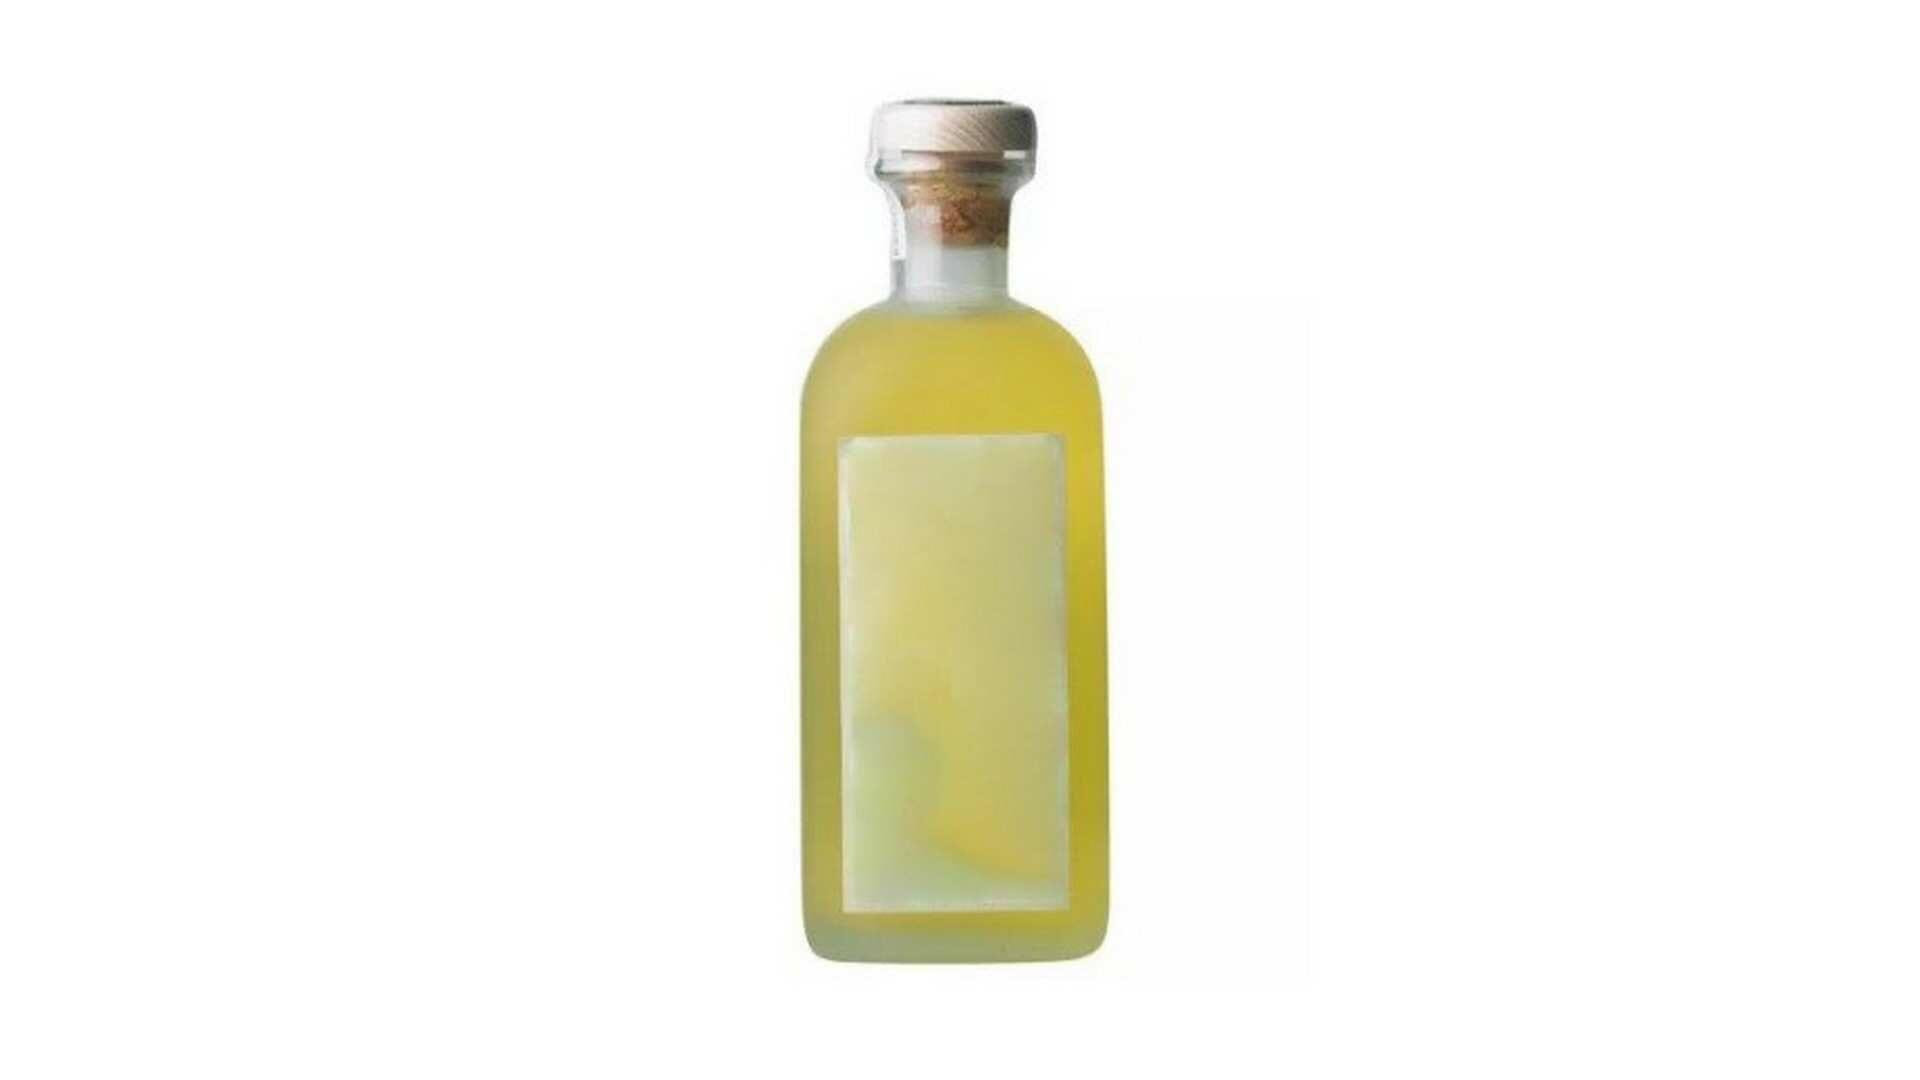 Receta de licor de hierbas casero